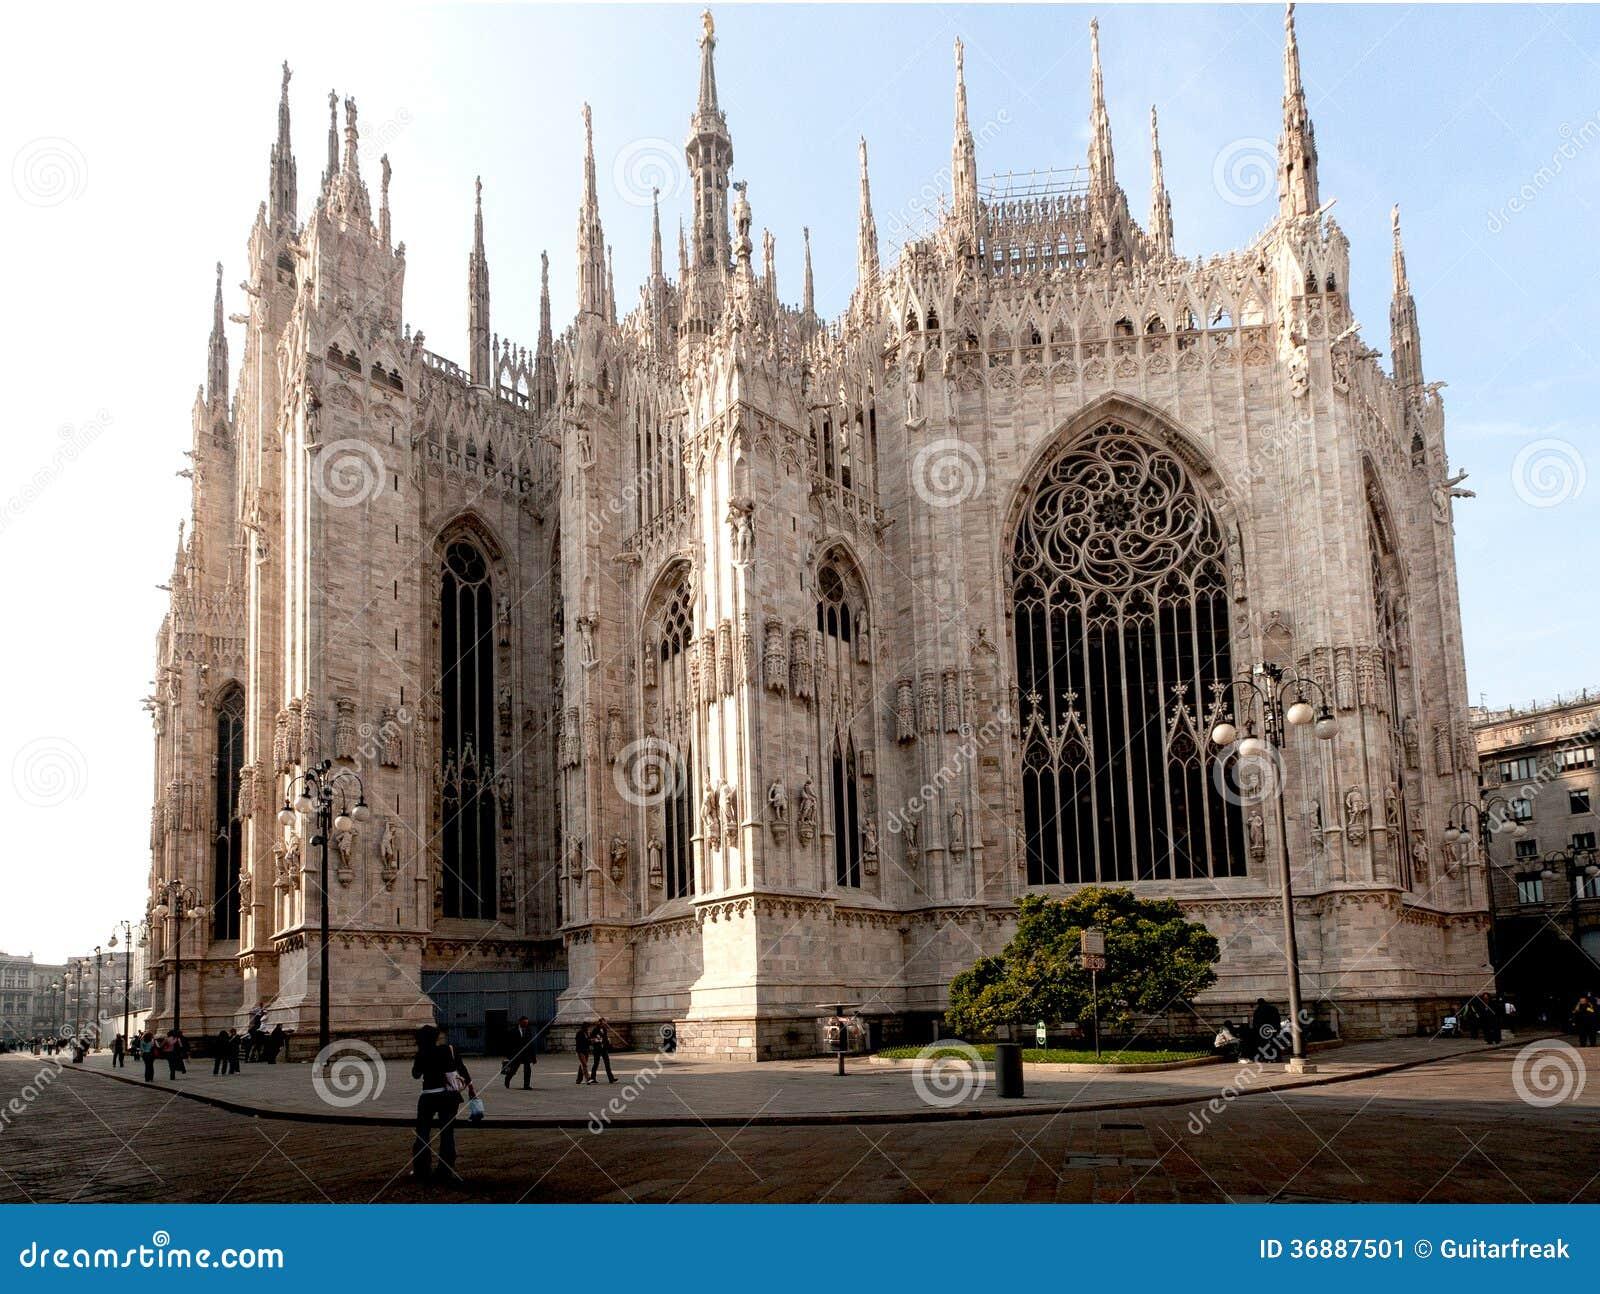 Download Duomo di EL immagine stock. Immagine di bianco, alto - 36887501